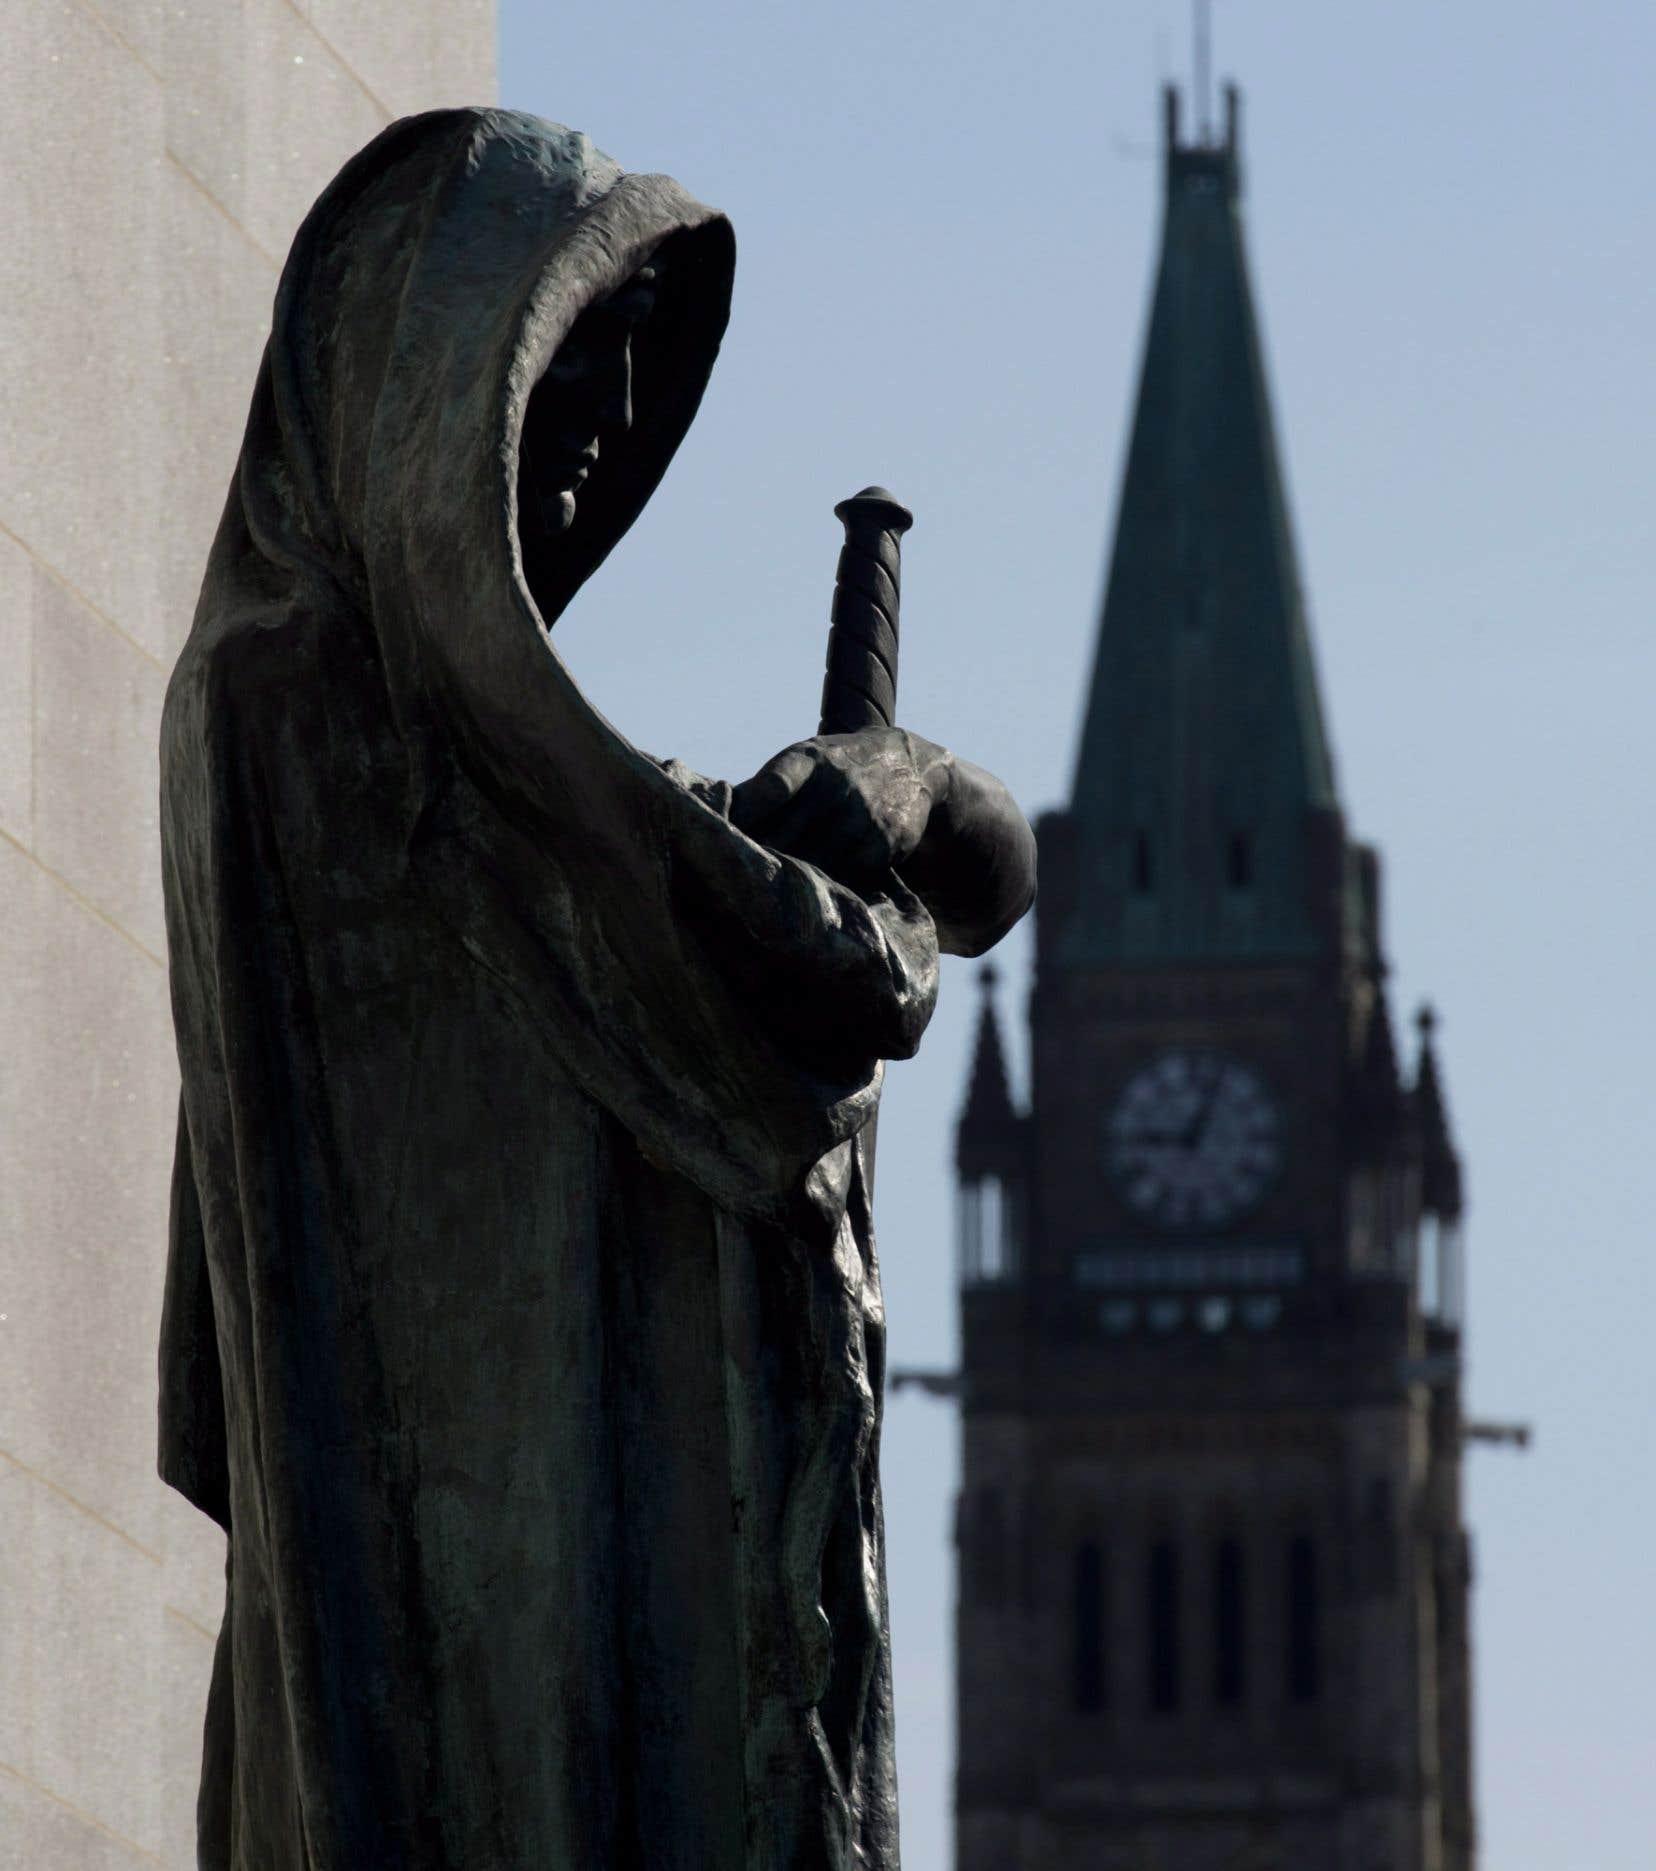 La statue Veritas garde l'entrée de la Cour suprême du Canada, à Ottawa. En arrière-plan, la tour de la Paix du Parlement. Les conservateurs ont fait reculer le dossier des nominations à la Cour suprême d'une décennie, soutient Irwin Cotler.